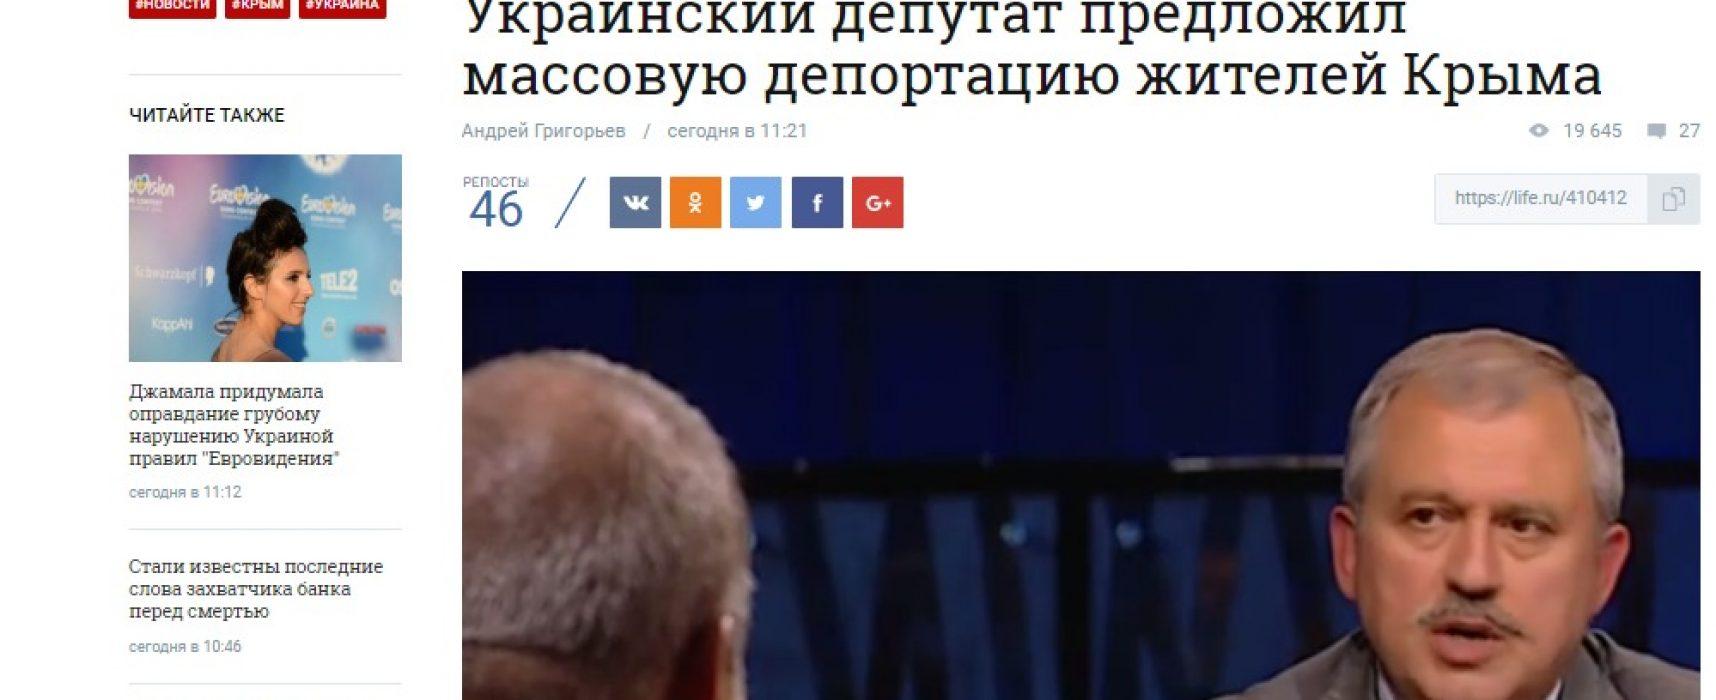 Fake: Un deputato ucraino ha proposto la deportazione di massa degli abitanti della Crimea